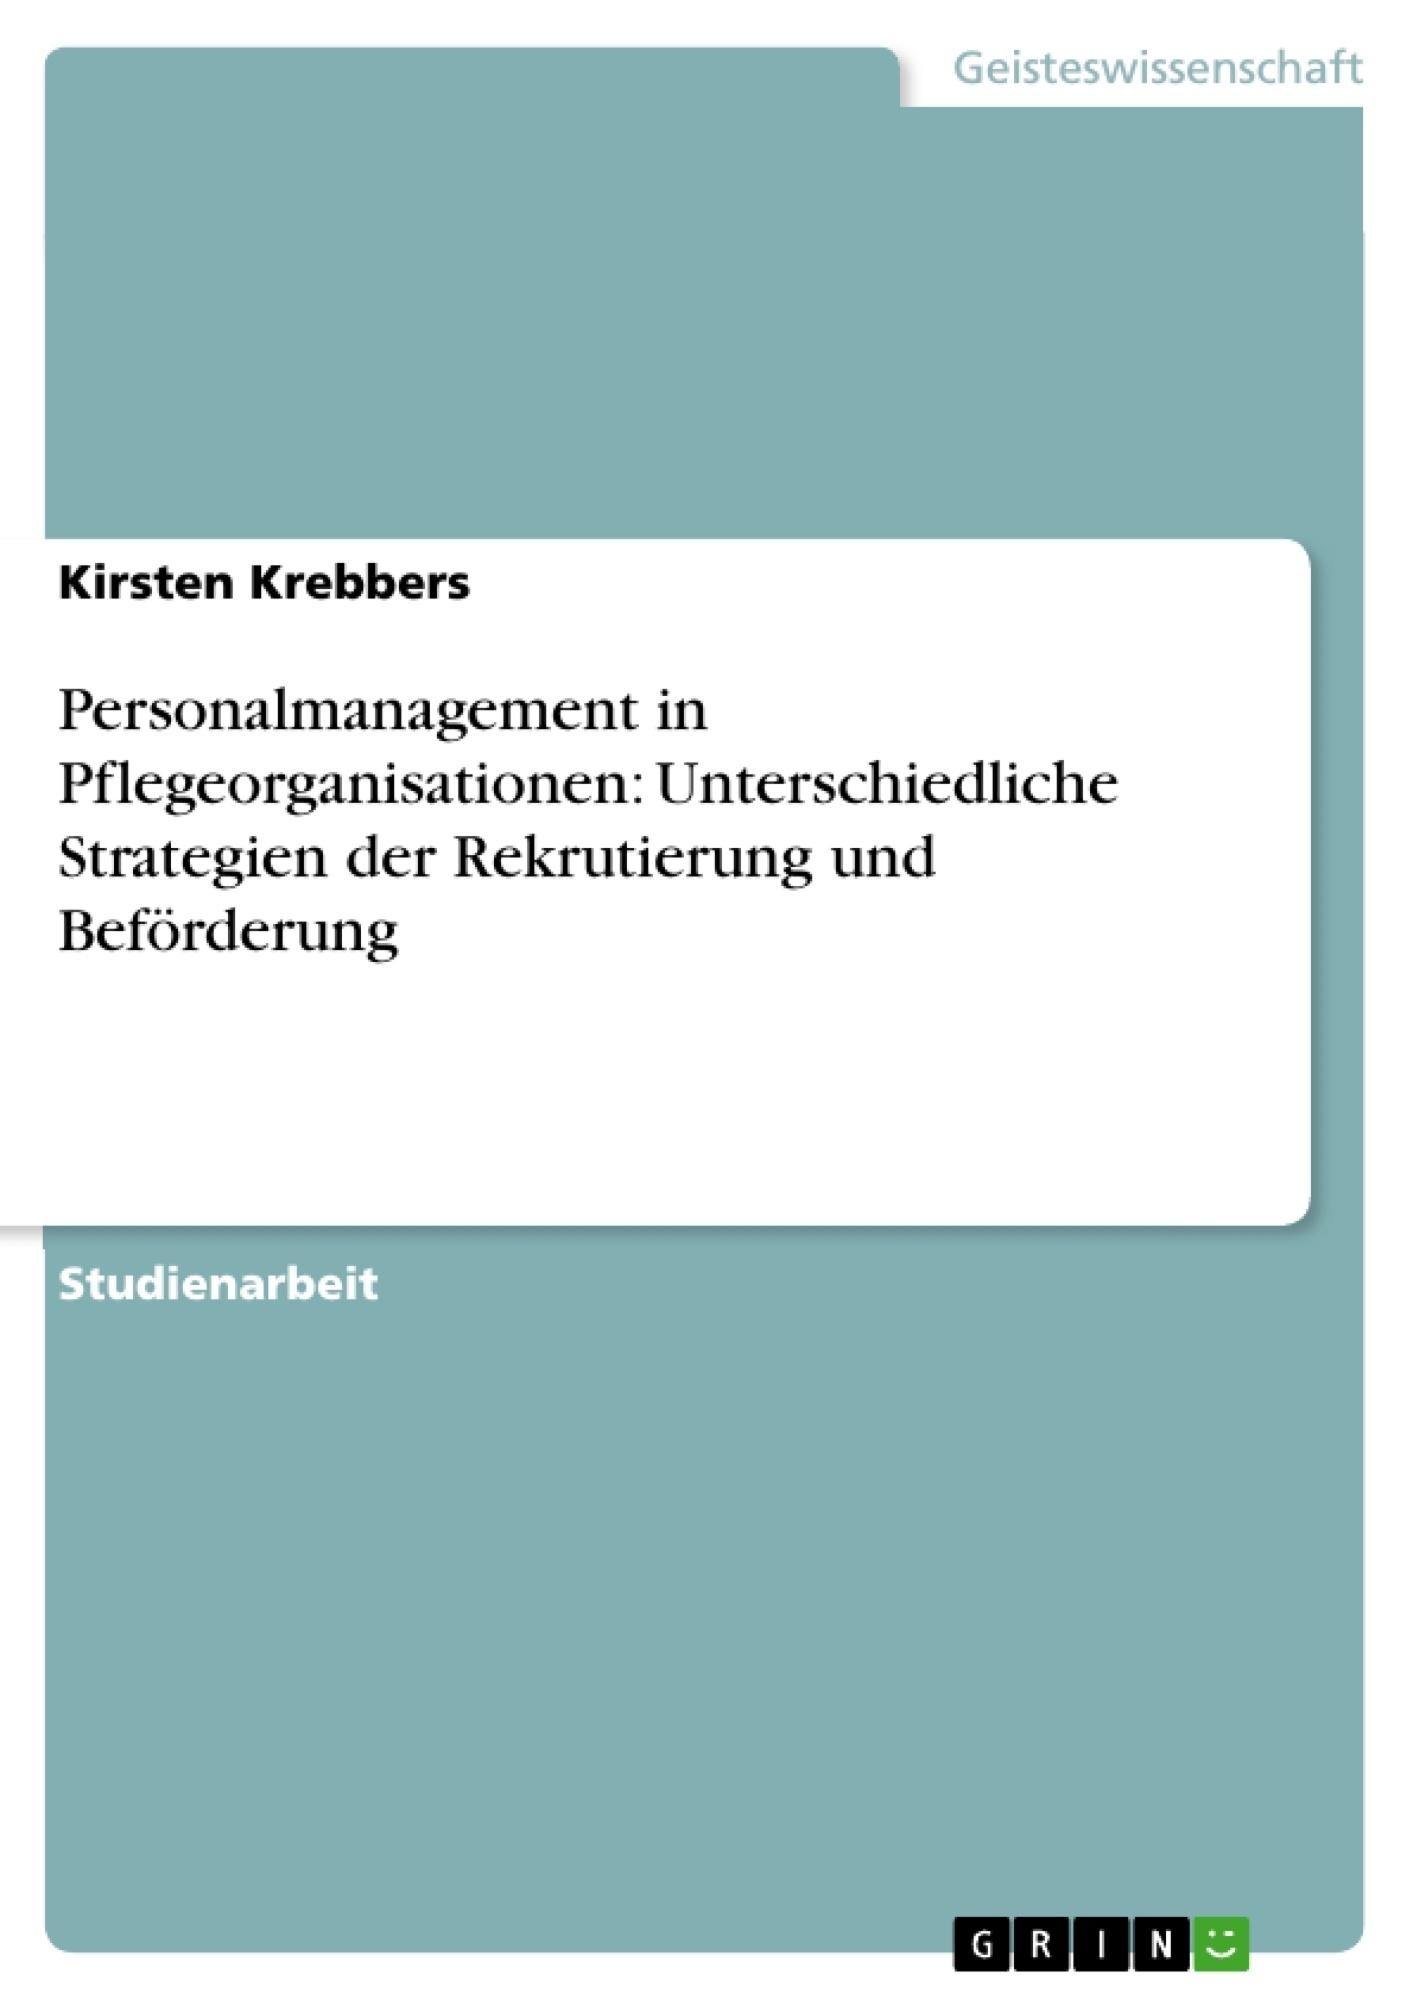 Titel: Personalmanagement in Pflegeorganisationen: Unterschiedliche Strategien der Rekrutierung und Beförderung